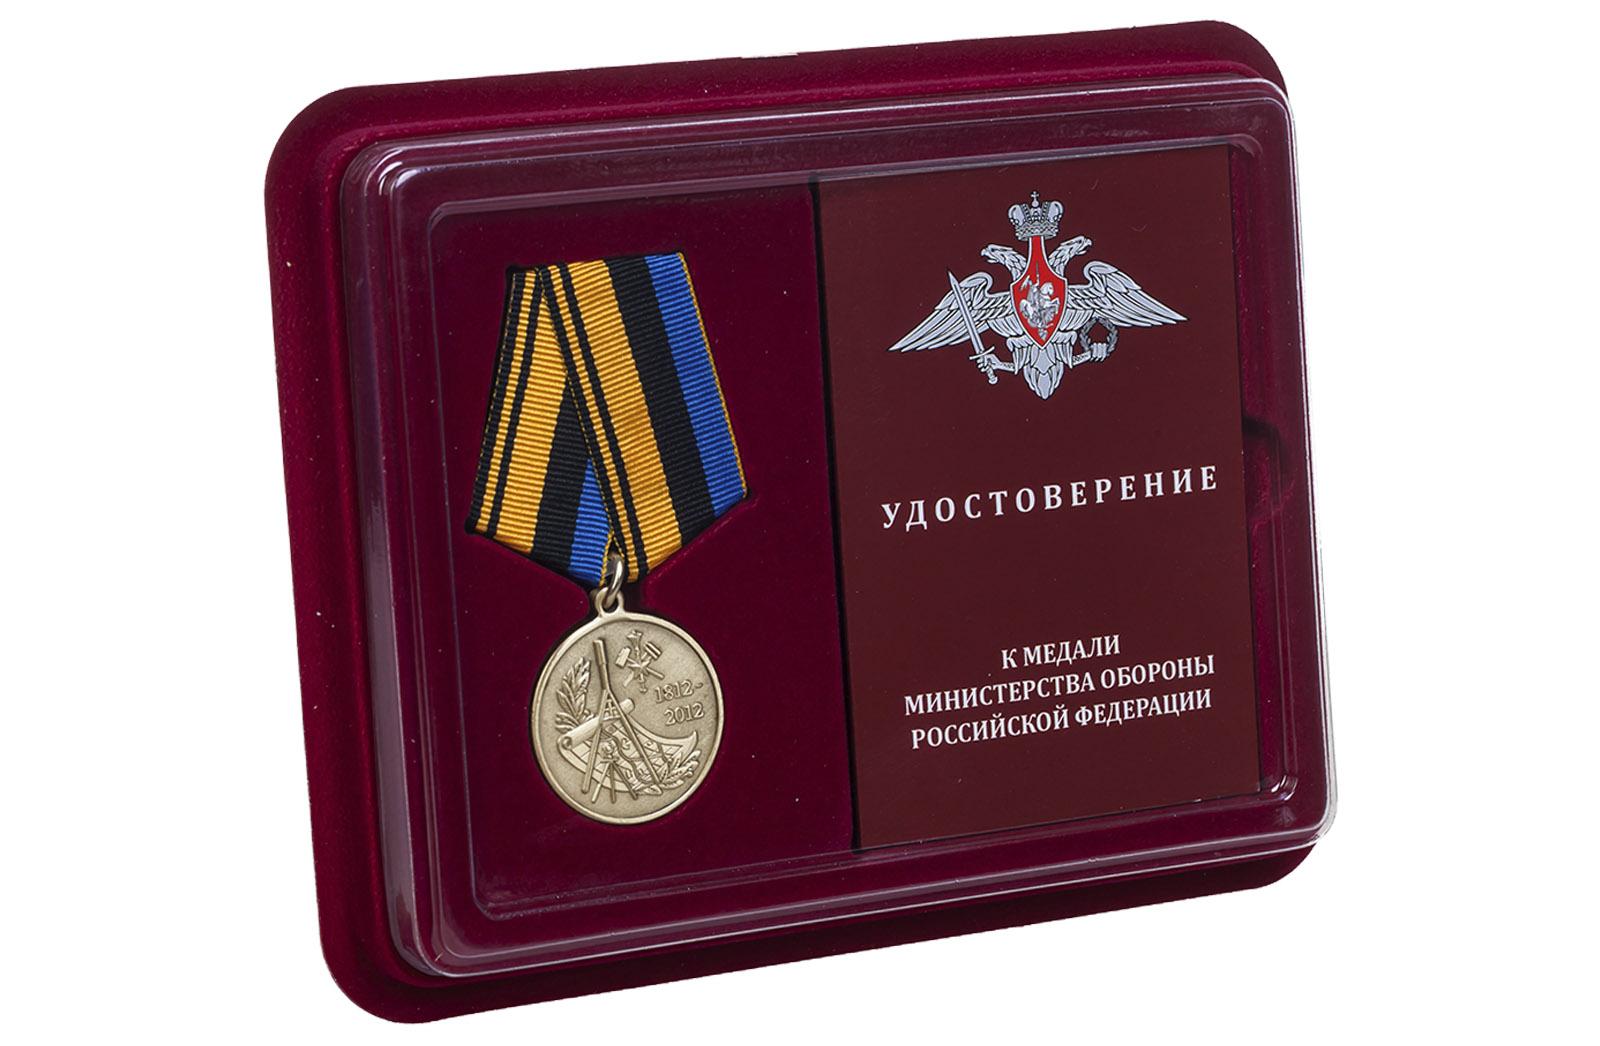 Купить медаль 200 лет Военно-топографическому управлению Генштаба оптом выгодно